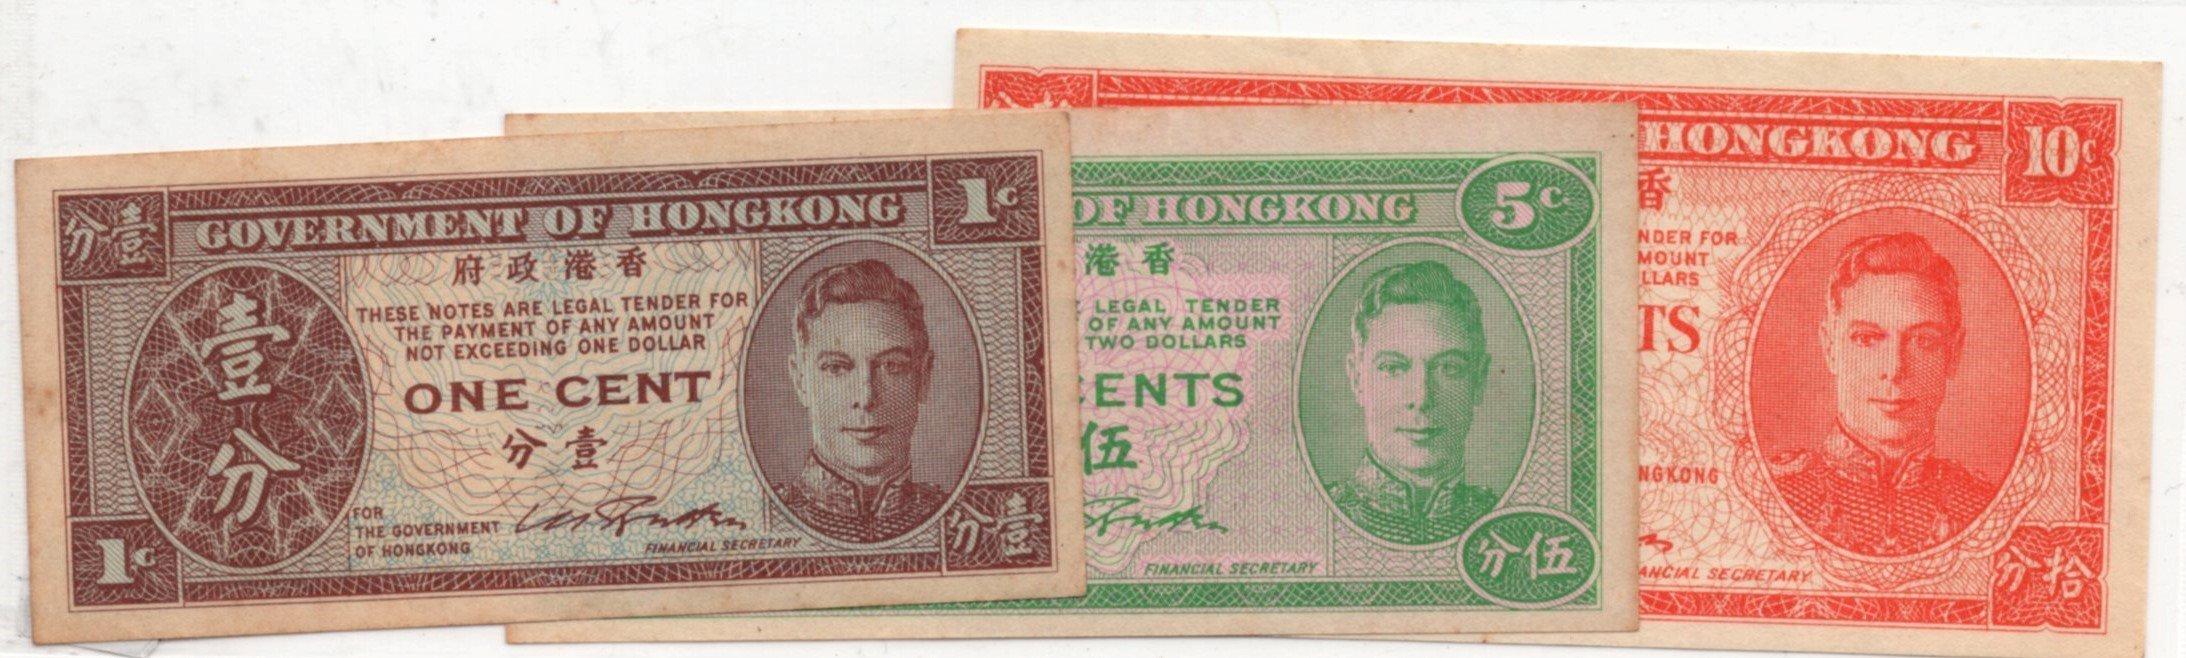 HK 1 5 10 cents